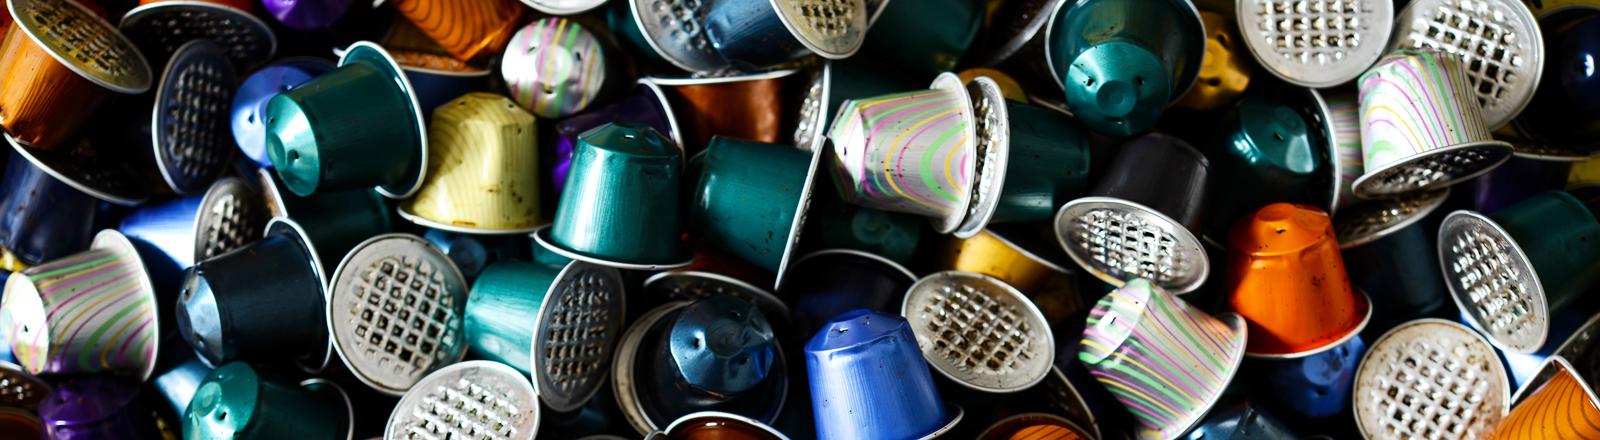 Hunderte gebrauchte Kaffee-Kapseln der Marke Nespresso von Nestlé.